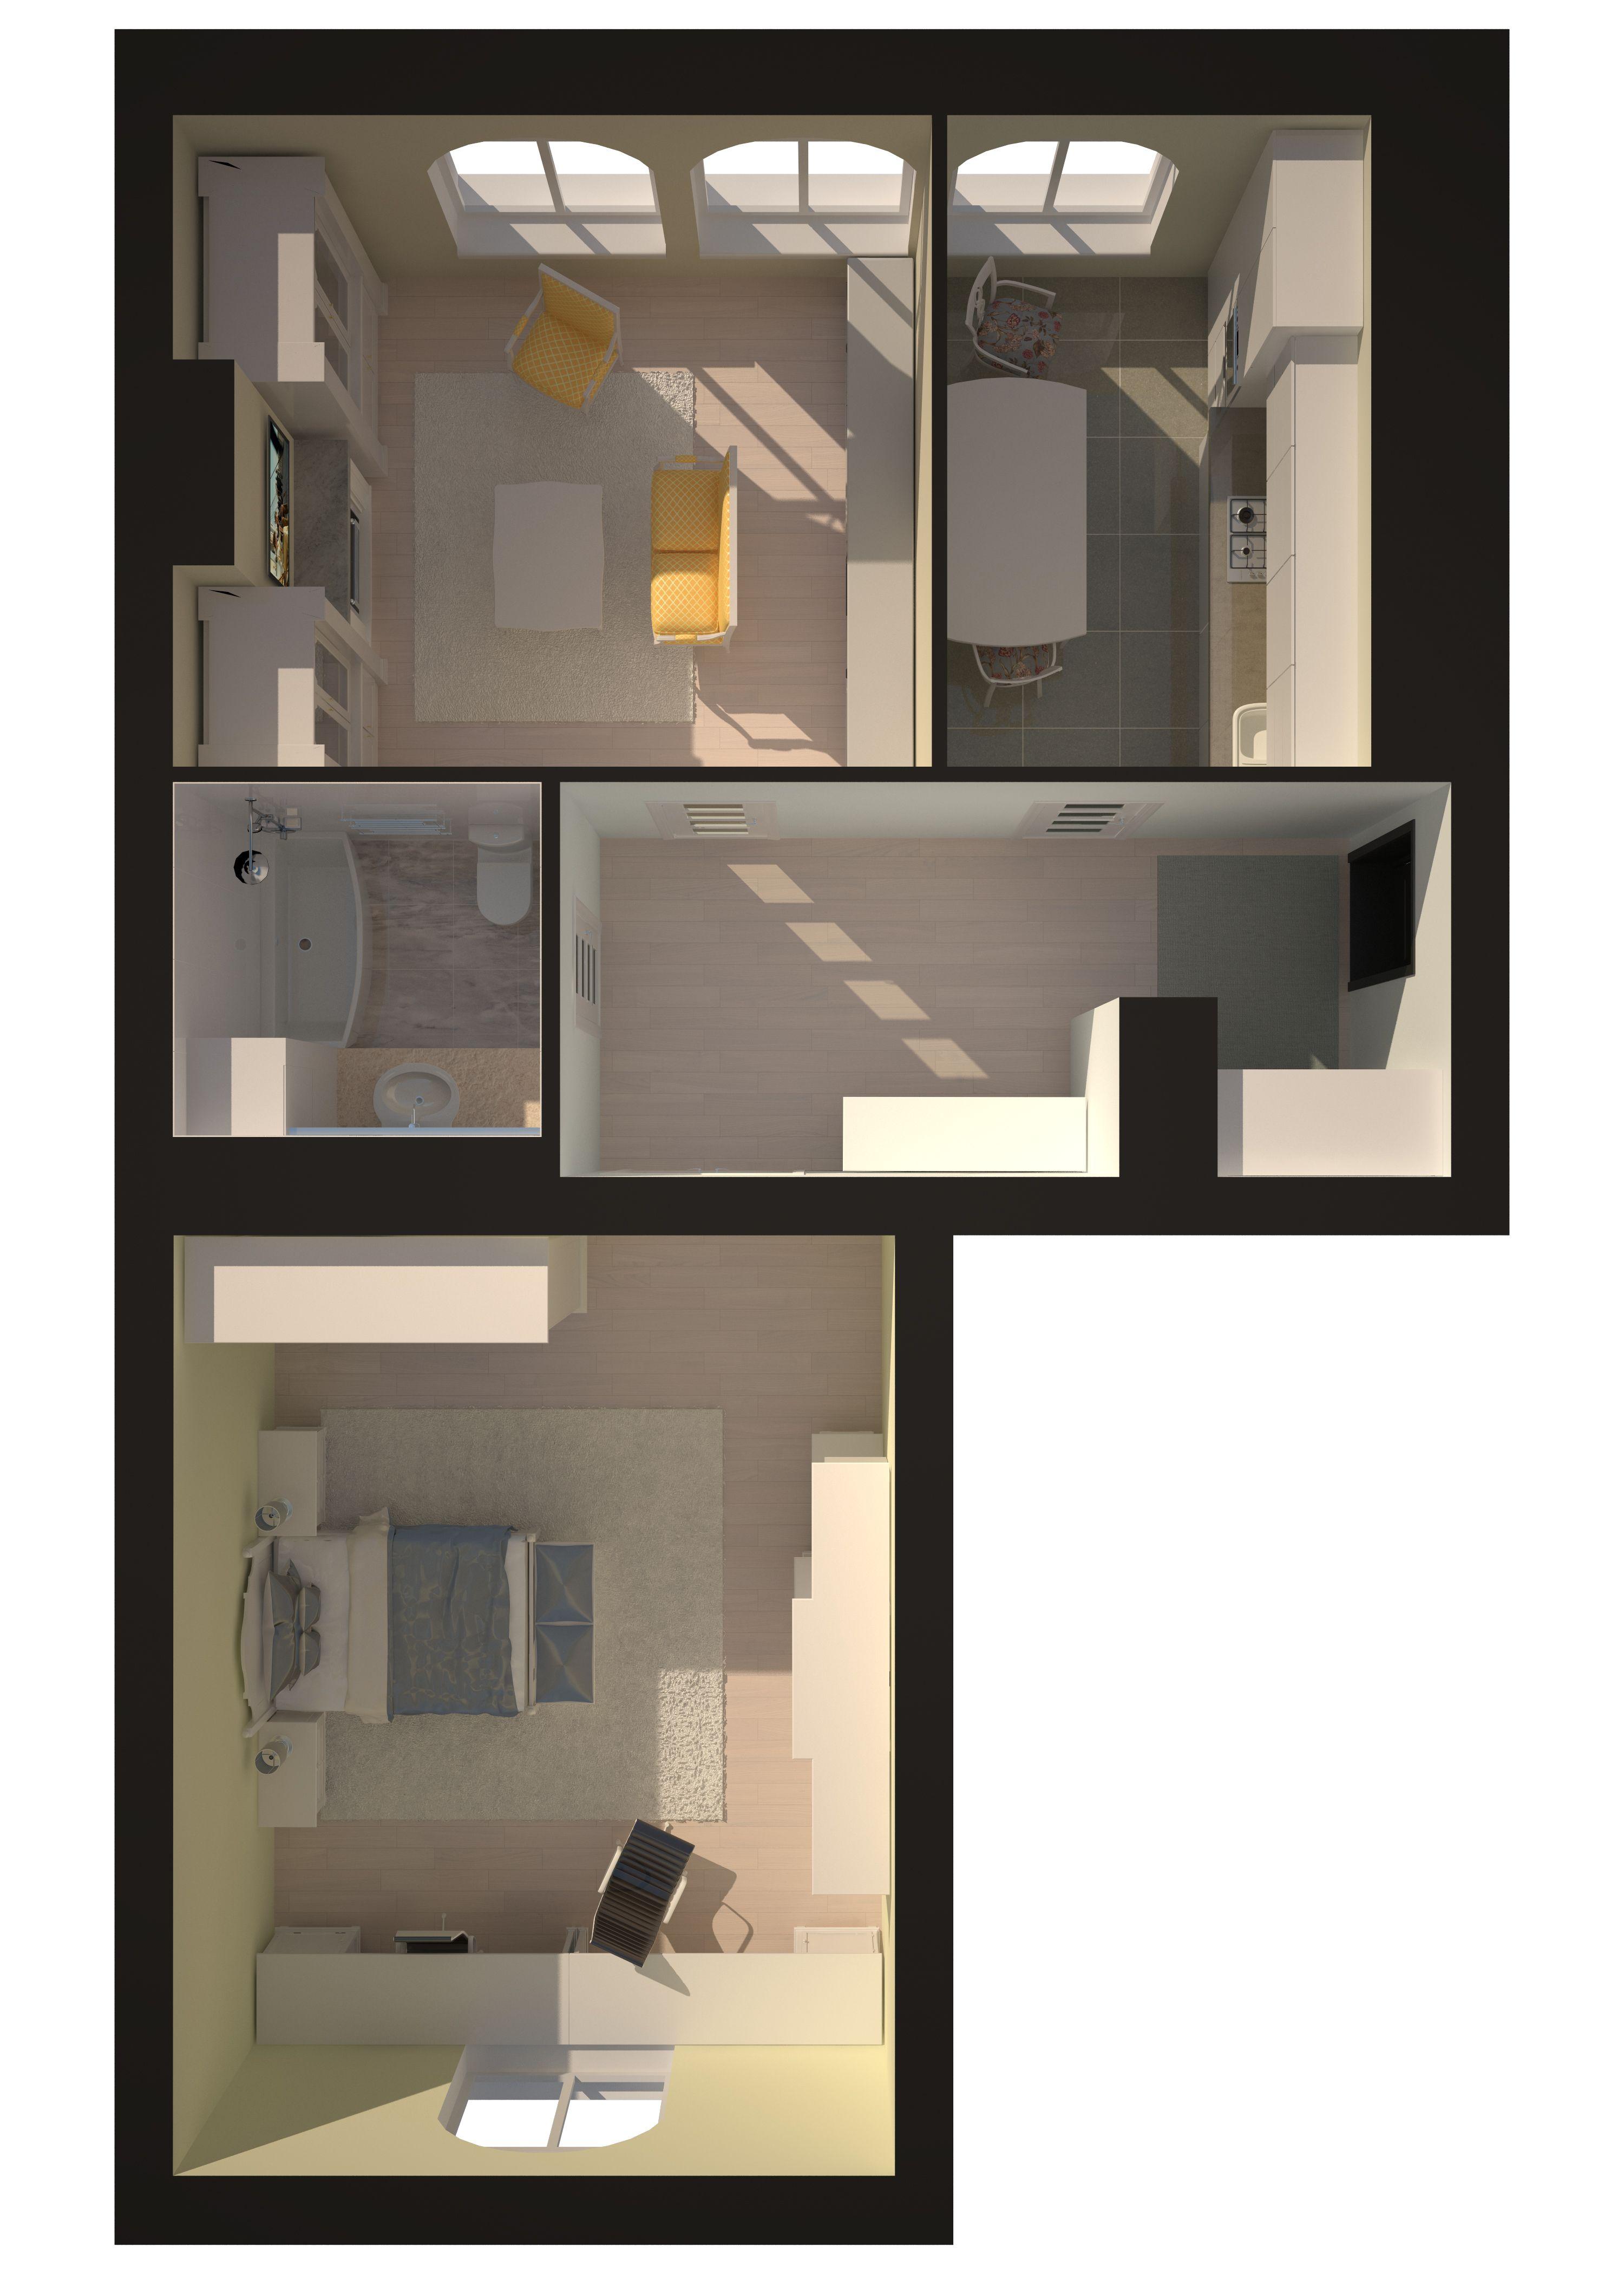 Двухкомнатная - Зеленый Мыс Premium Residence$66105Площадь:81.5m²